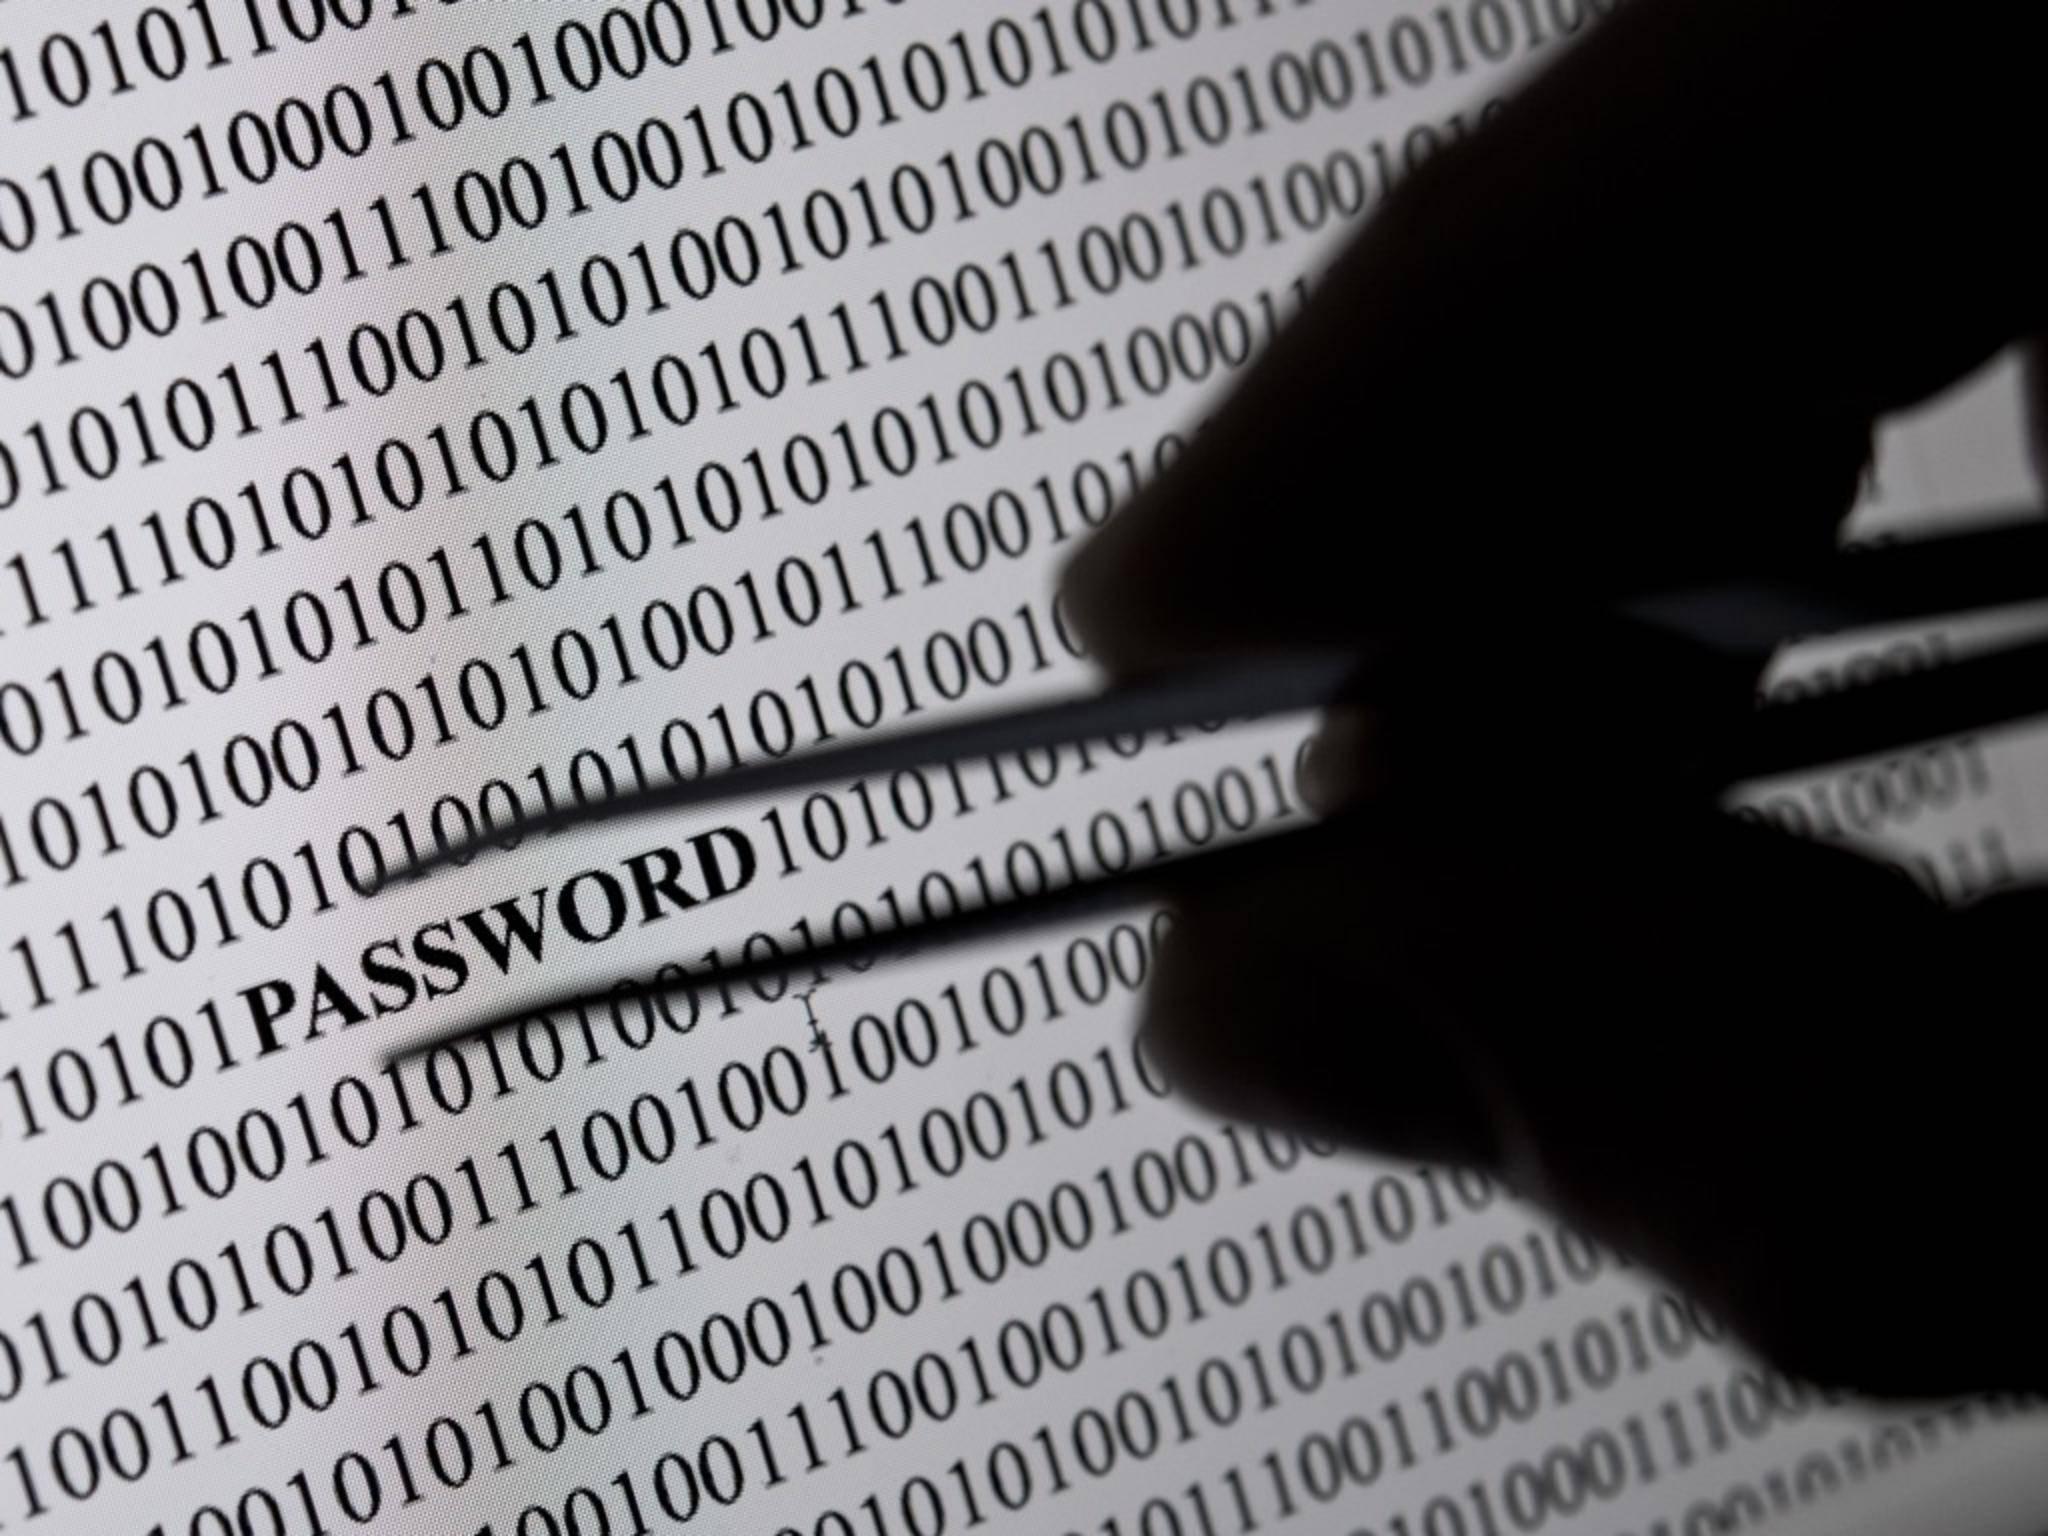 Nicht sicher Passwörter werden von Hackern in Windeseile geknackt.